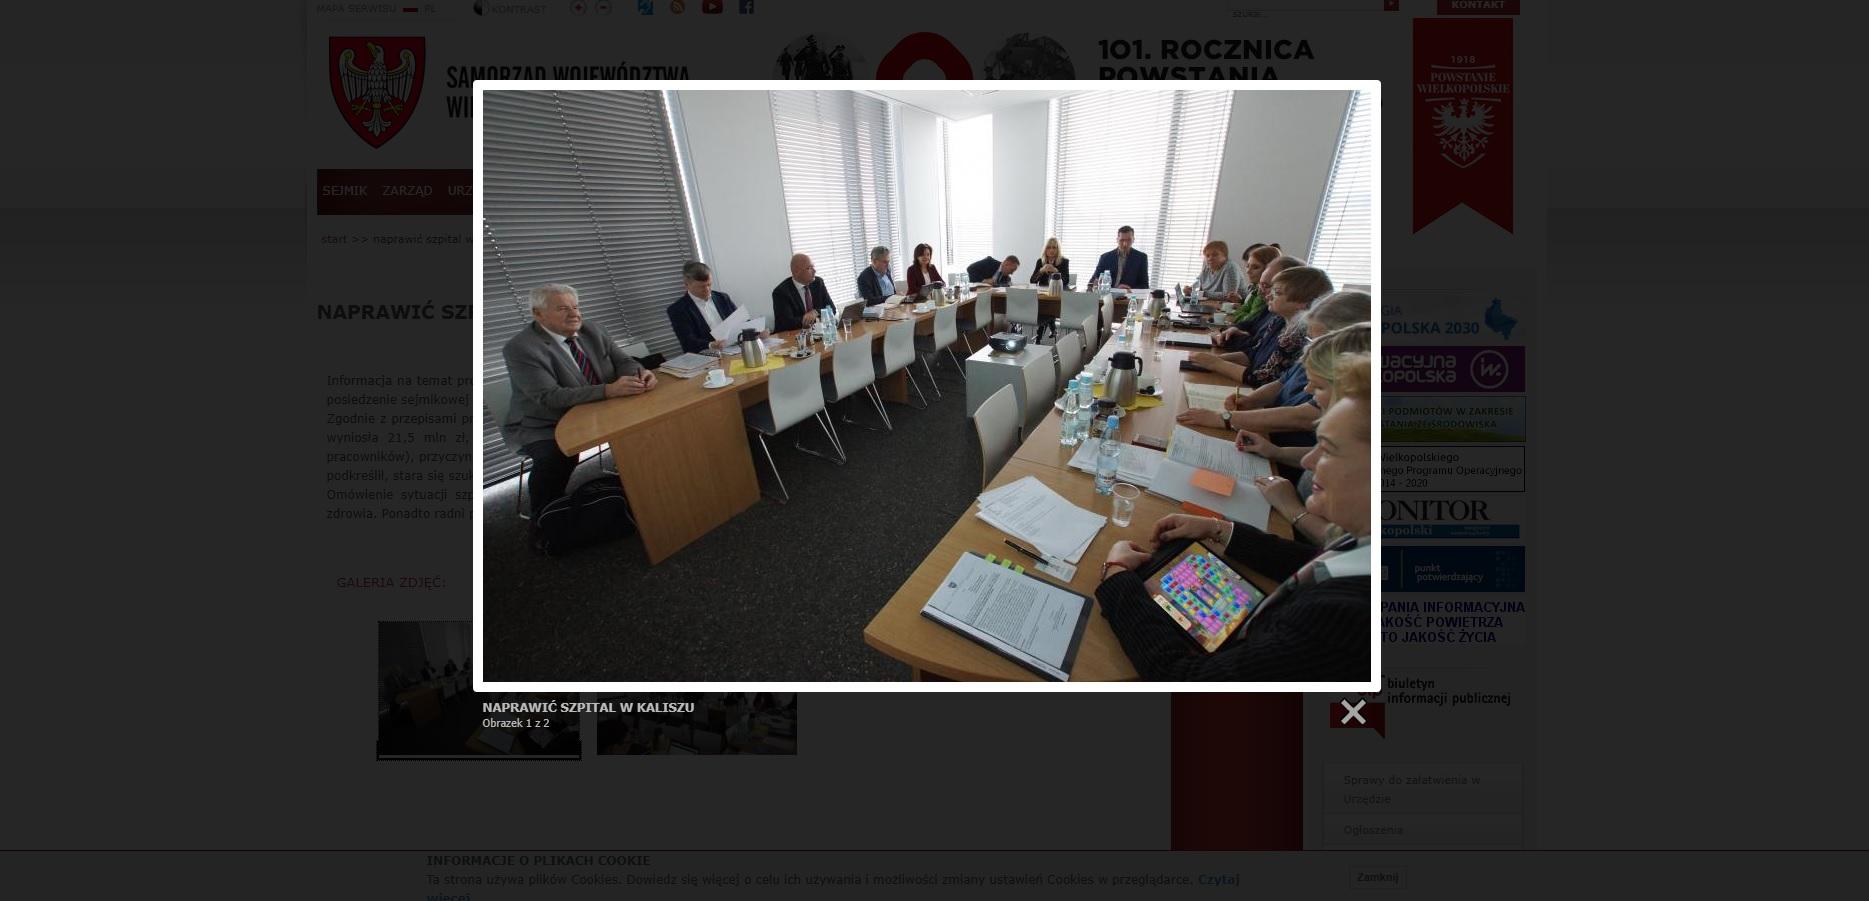 Oryginalne zdjęcie/Urząd Marszałkowski Województwa Wielkopolskiego